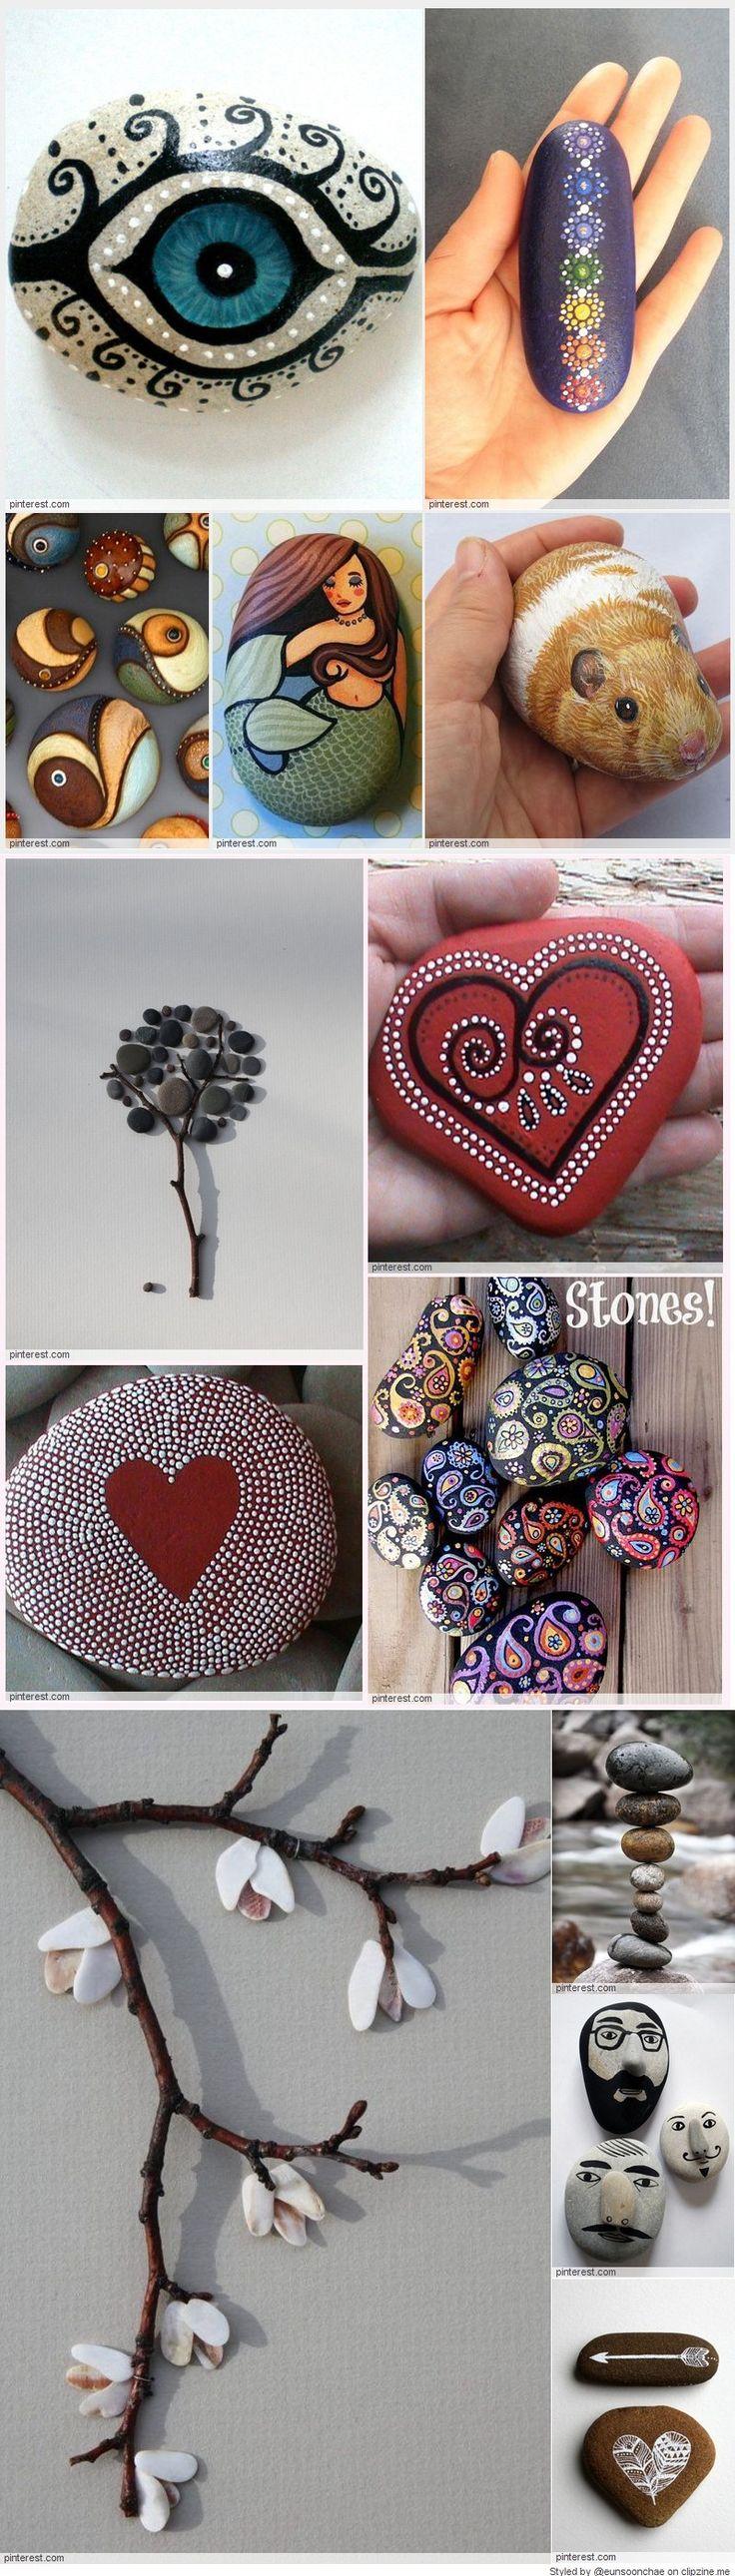 ❤~Piedras  Pintadas~❤  Art